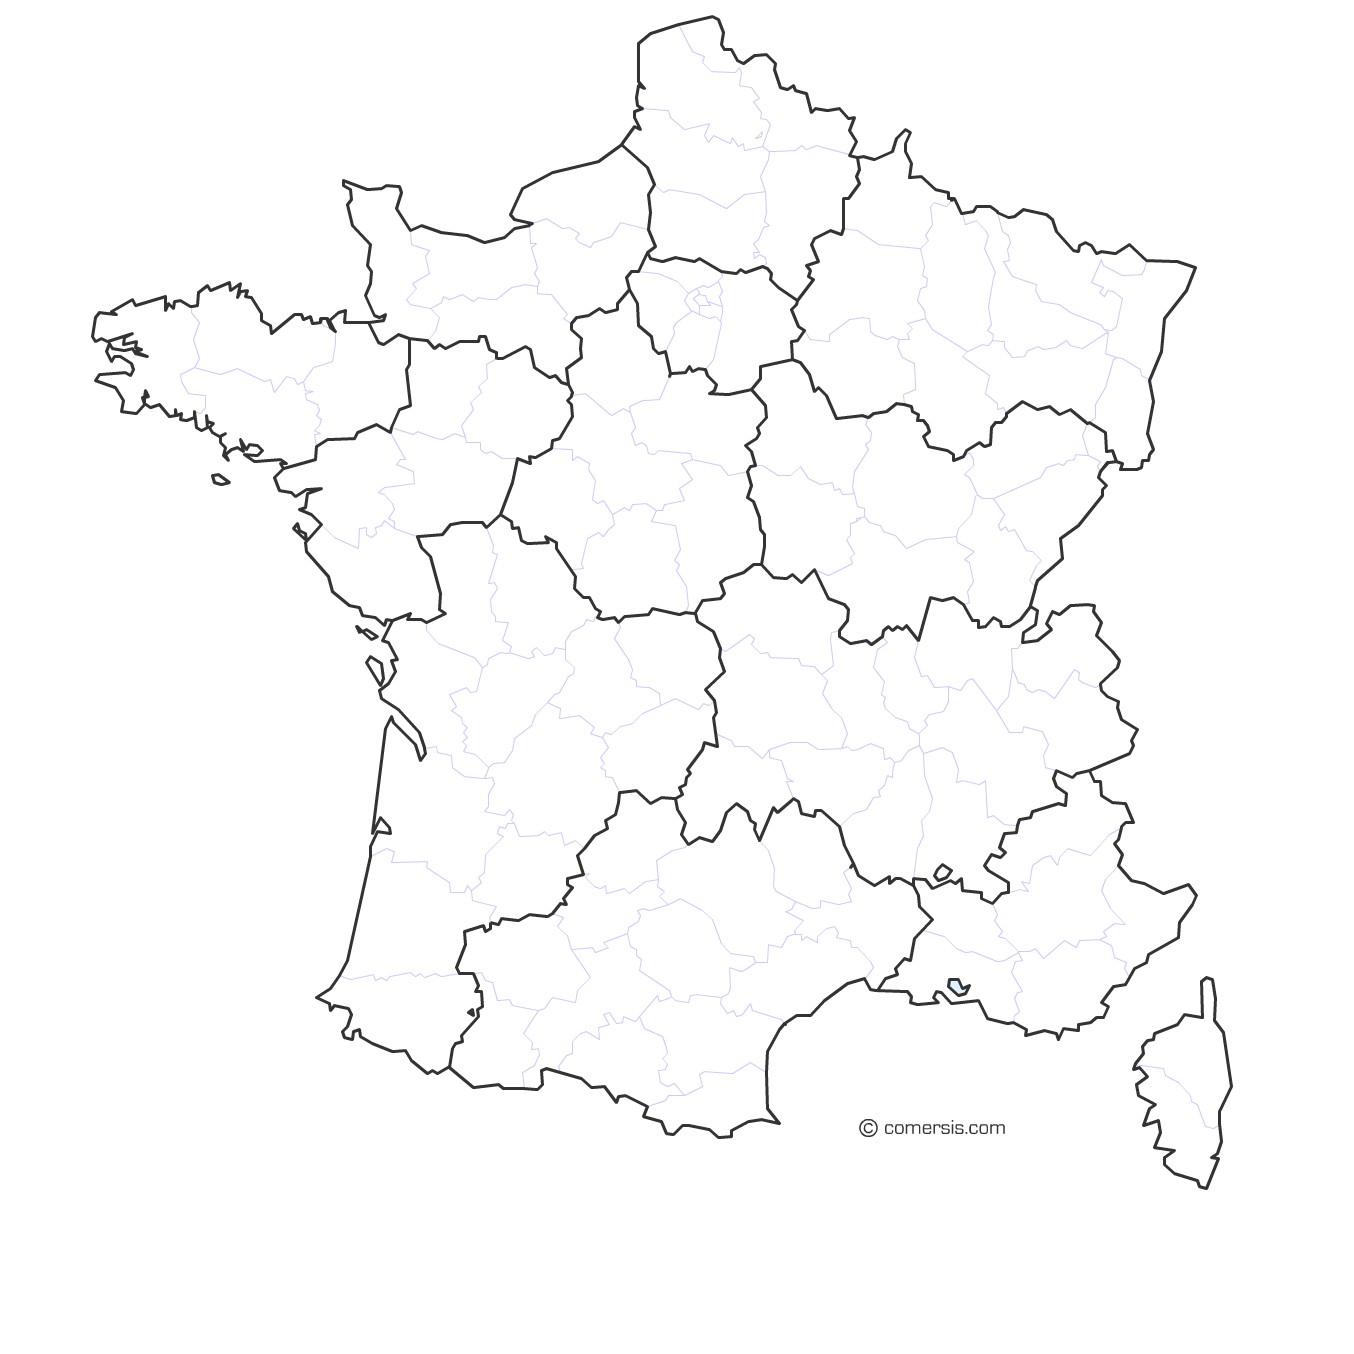 204E Carte France Region | Wiring Library destiné Carte Des Régions Vierge